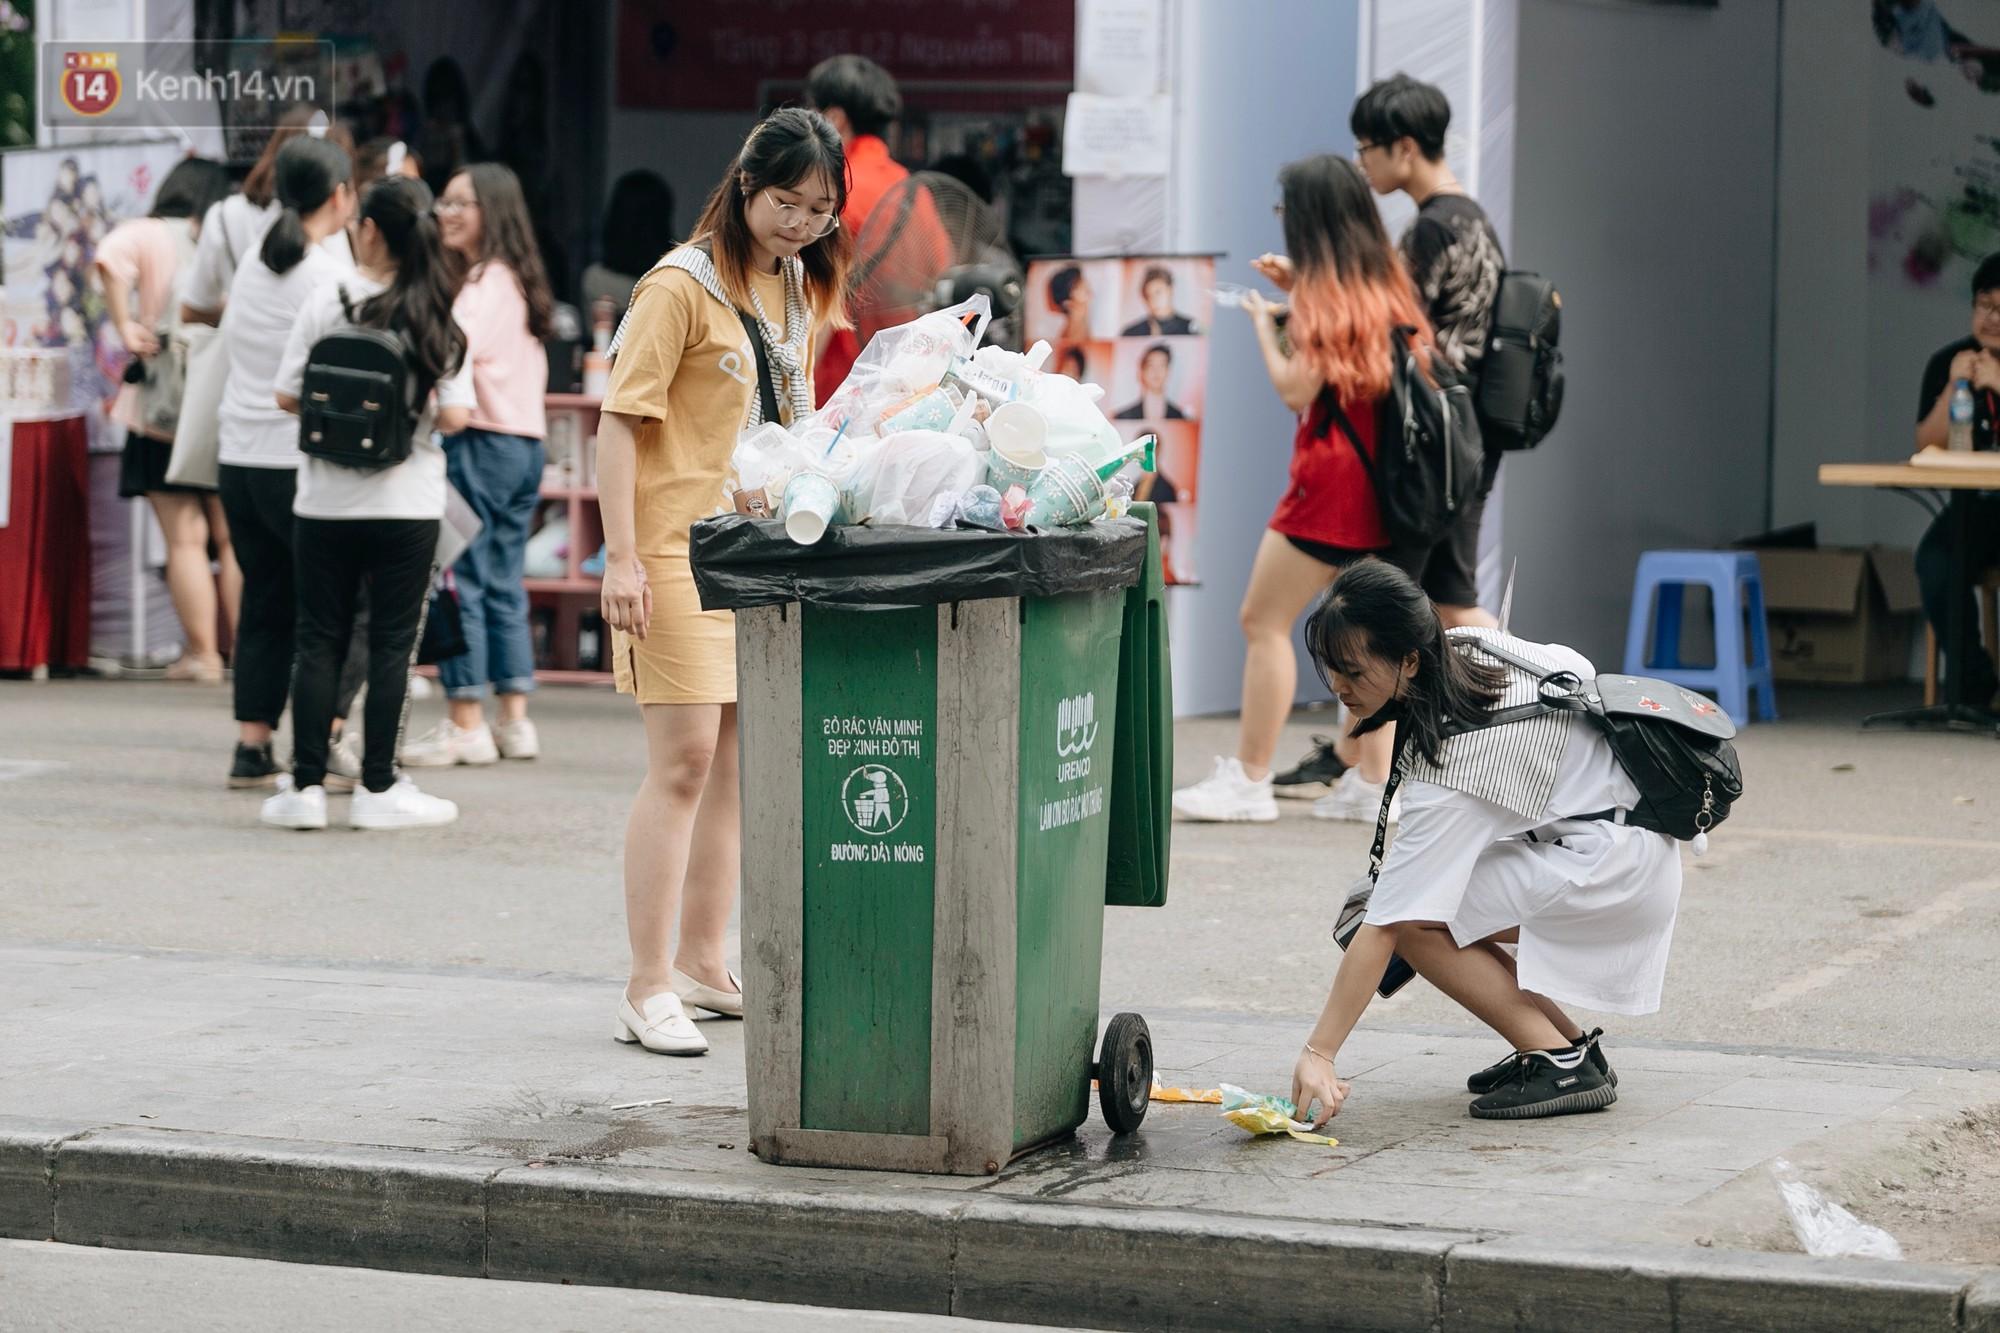 Phố đi bộ Hồ Gươm đẹp đẽ, sạch bong sau khi treo biển sẽ ghi hình, xử phạt 7 triệu đồng nếu vứt rác bừa bãi - Ảnh 8.